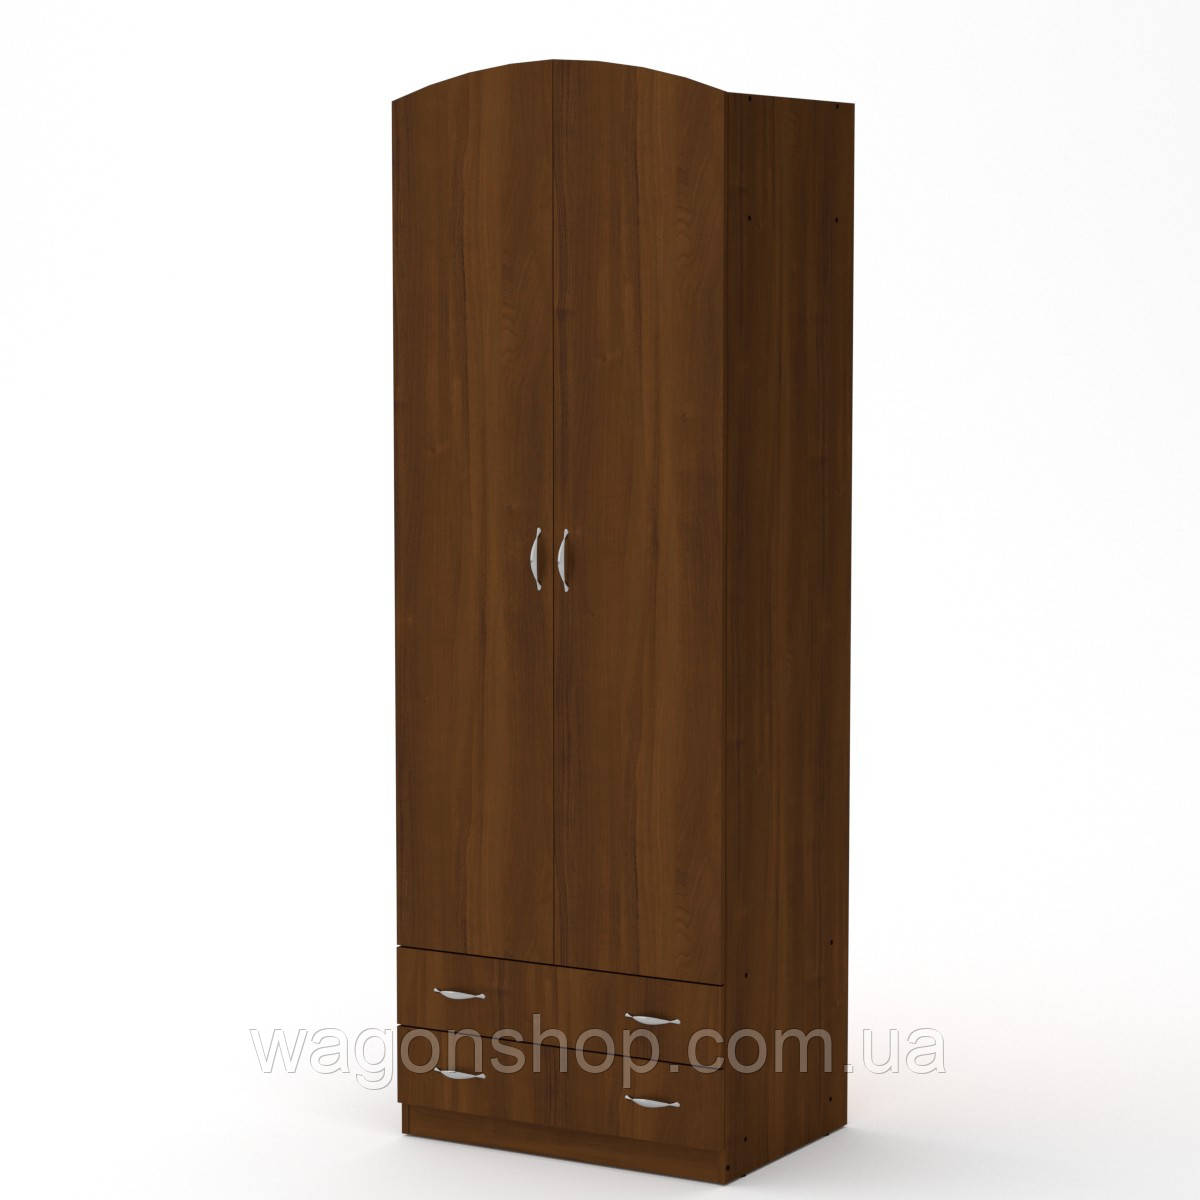 Шкаф для спальни Компанит ШКАФ-4